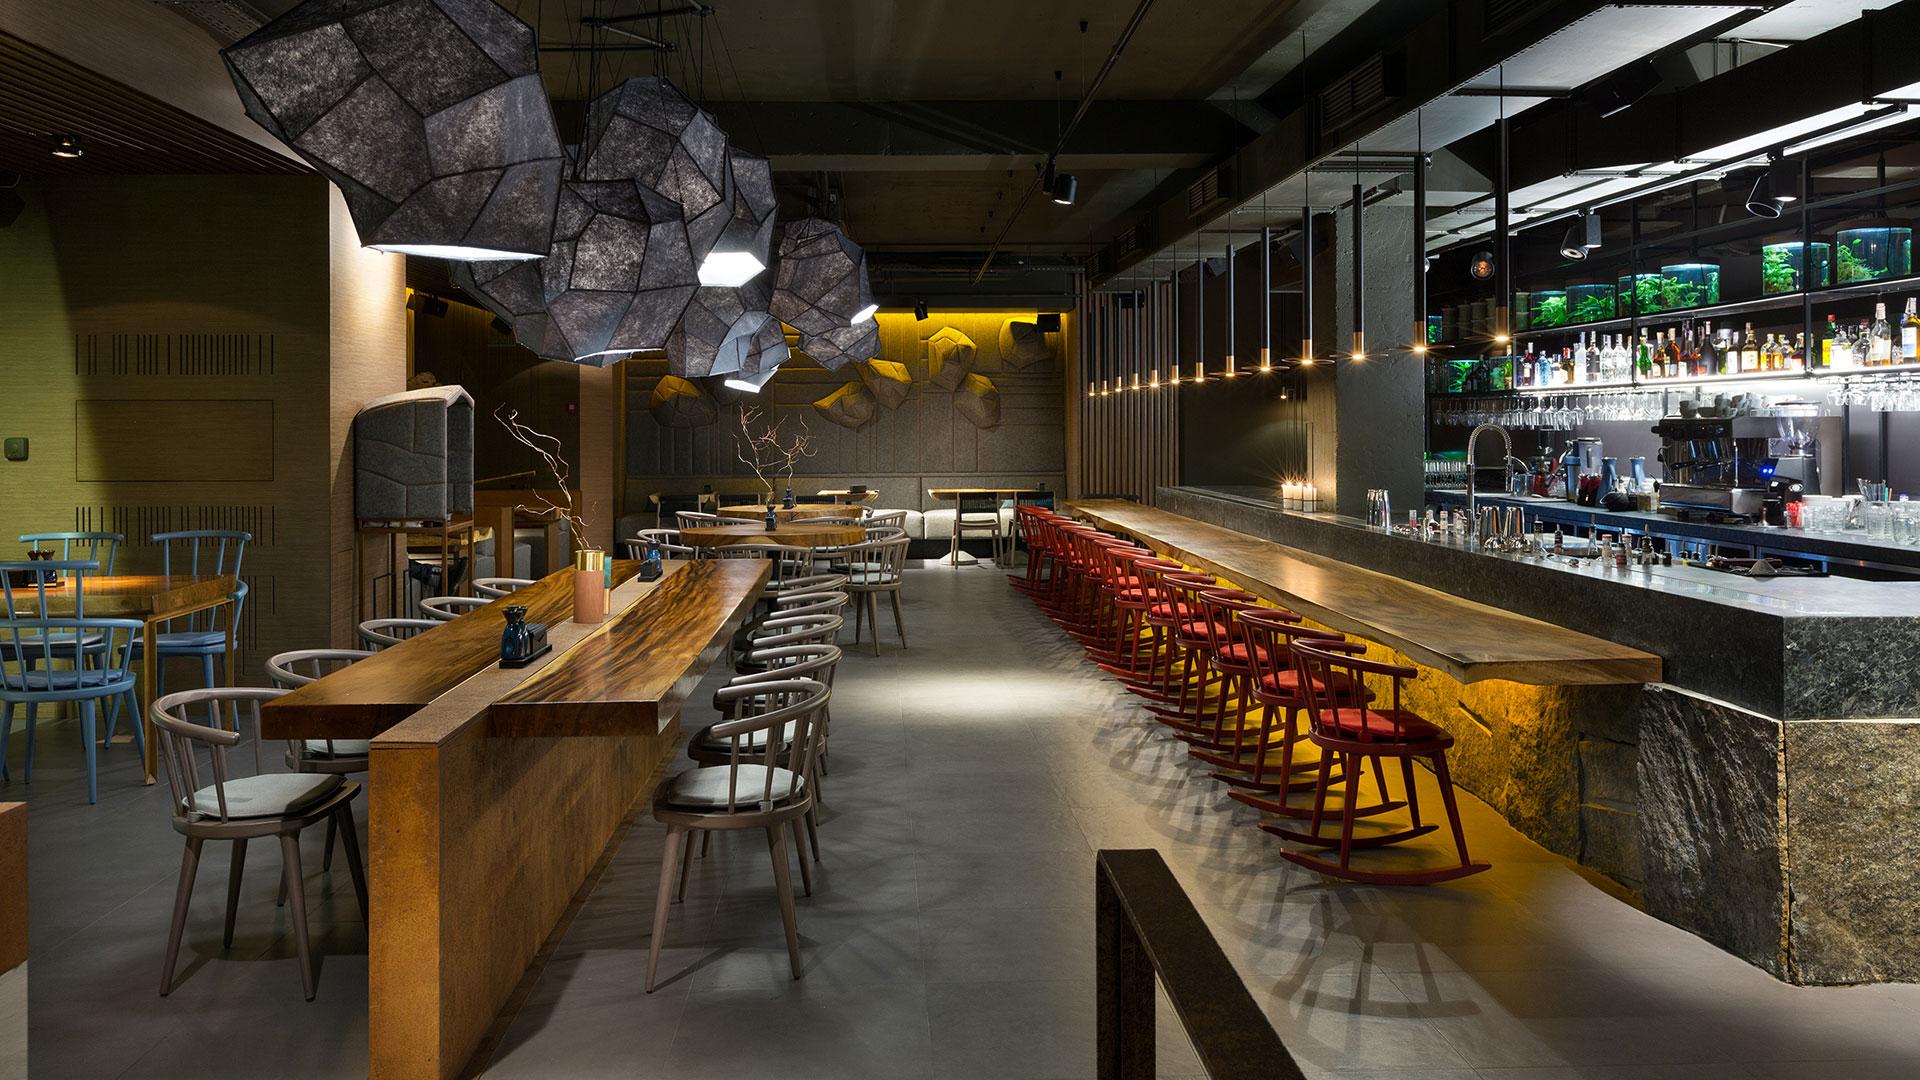 Asiatische Raumgestaltung im Restaurant East Kiew mit Tischplatten aus Palmenholz, Lampen in Form von Steinen und Wandflächen aus rostigem Metall.